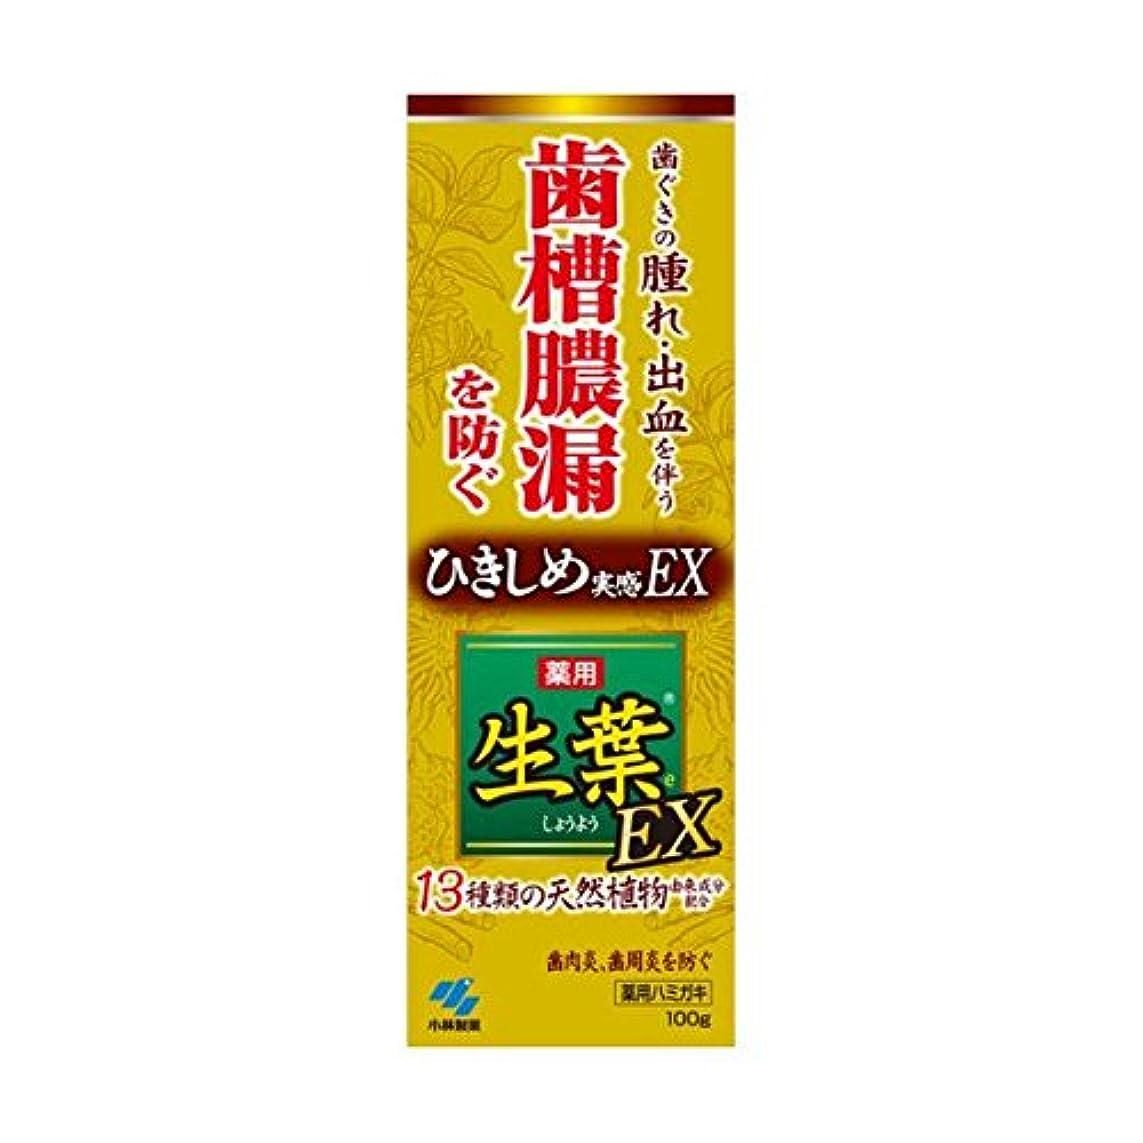 発送ぴかぴか進捗生葉EX 100g x2個セット